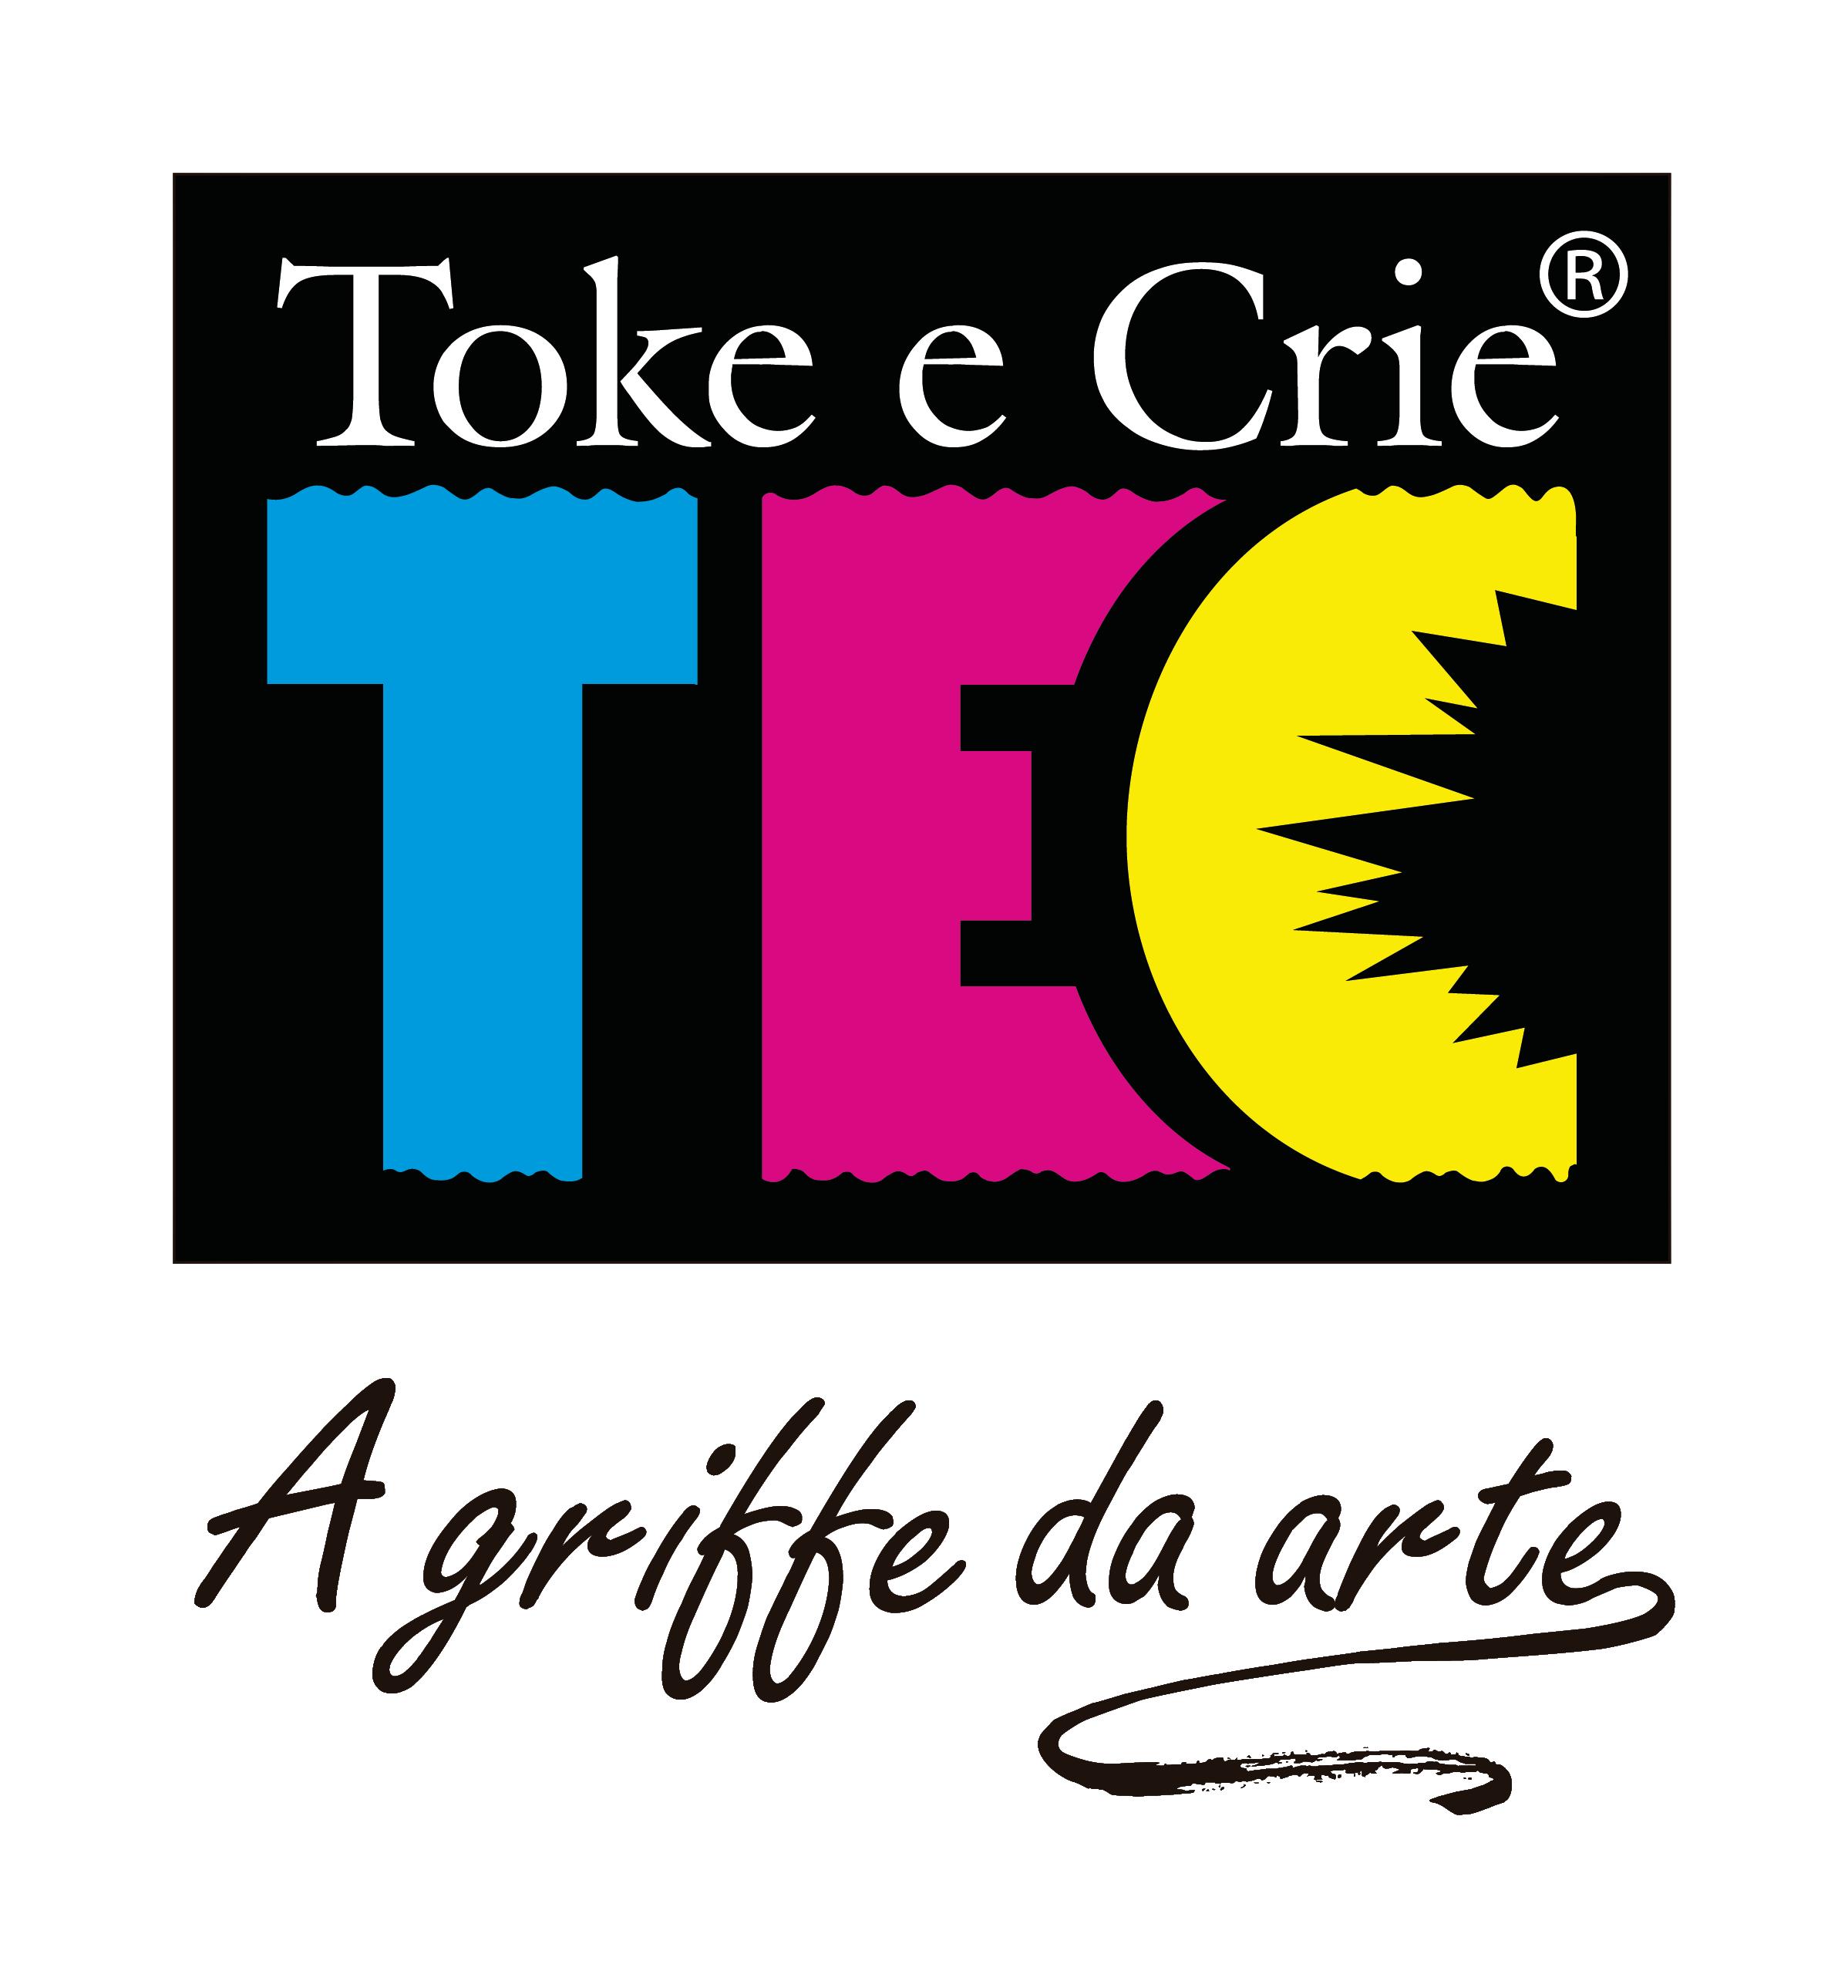 tokecrie